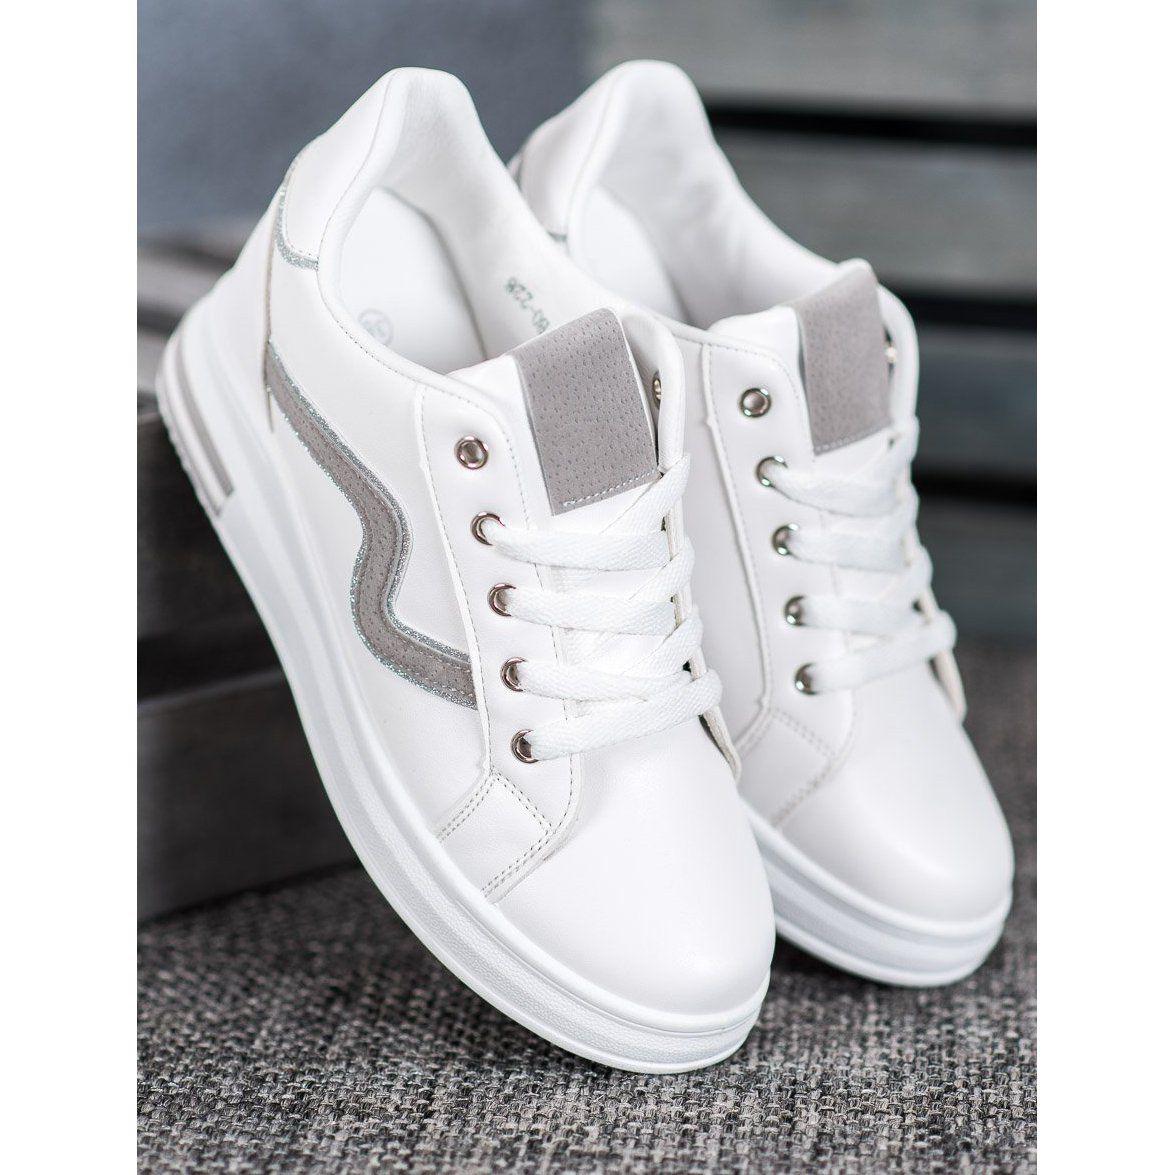 Shelovet Buty Sportowe Z Ukryta Koturna Biale In 2020 Wedding Sneaker White Sneaker Shoes